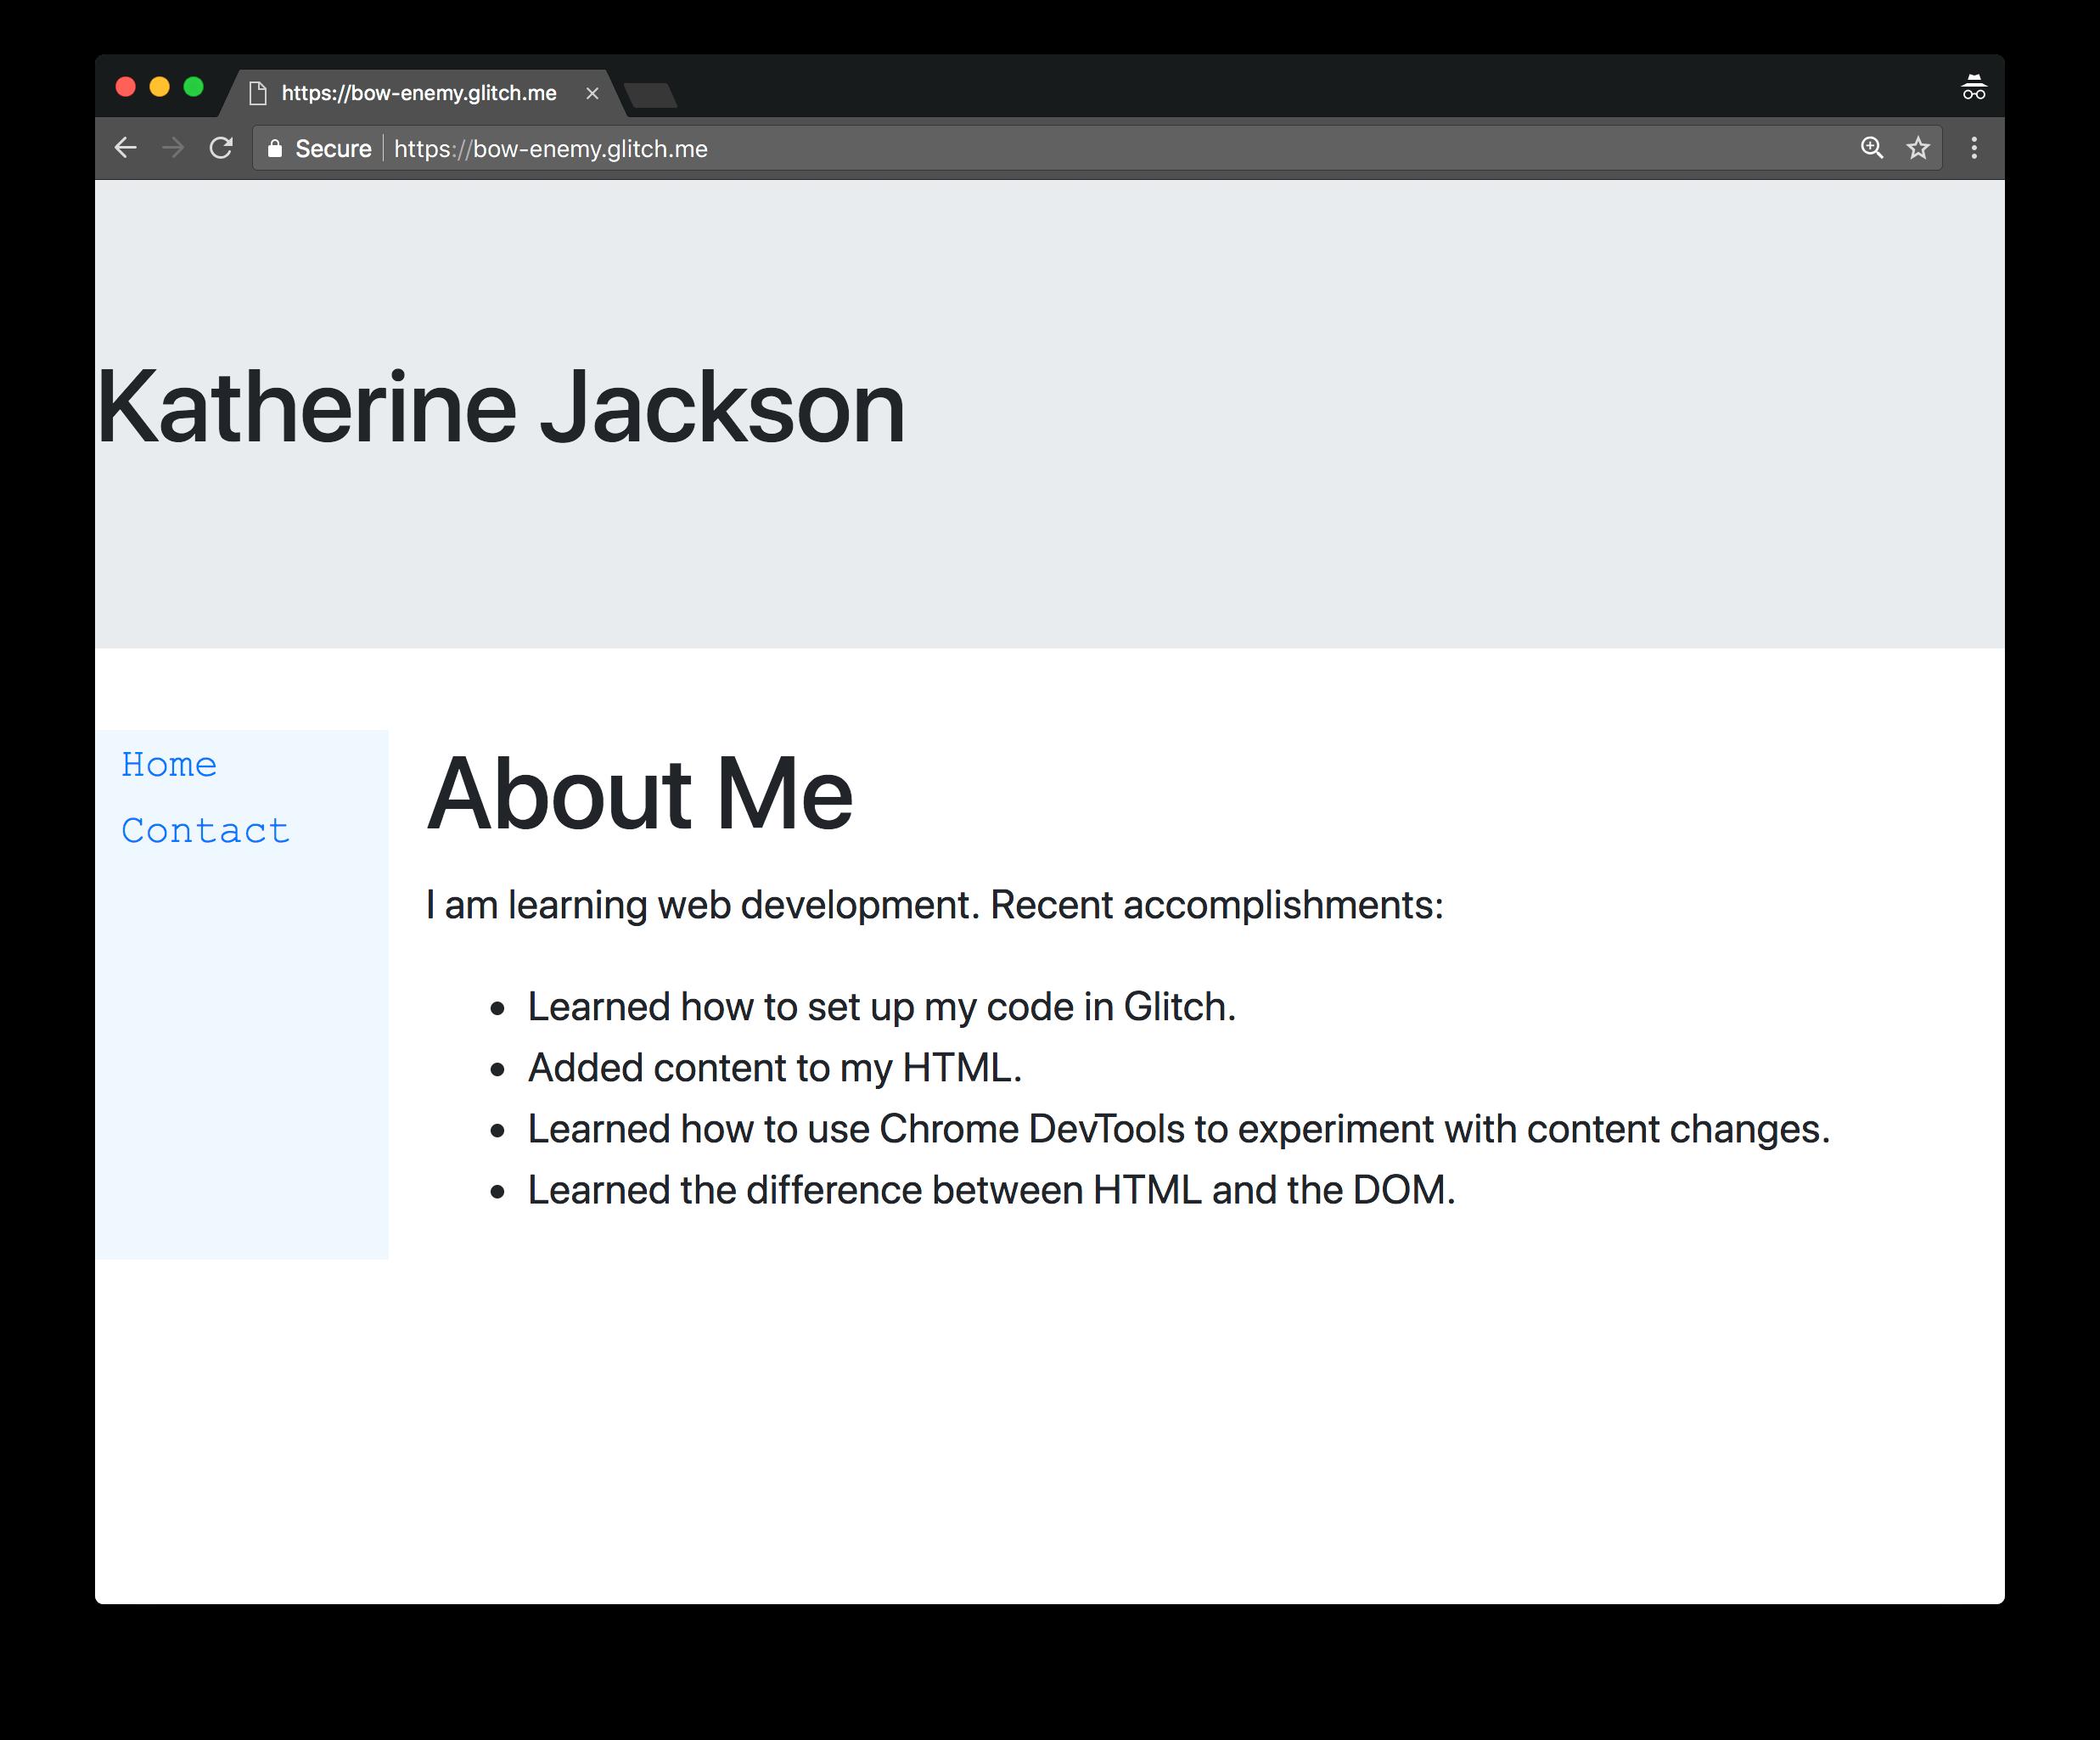 完成的网站。